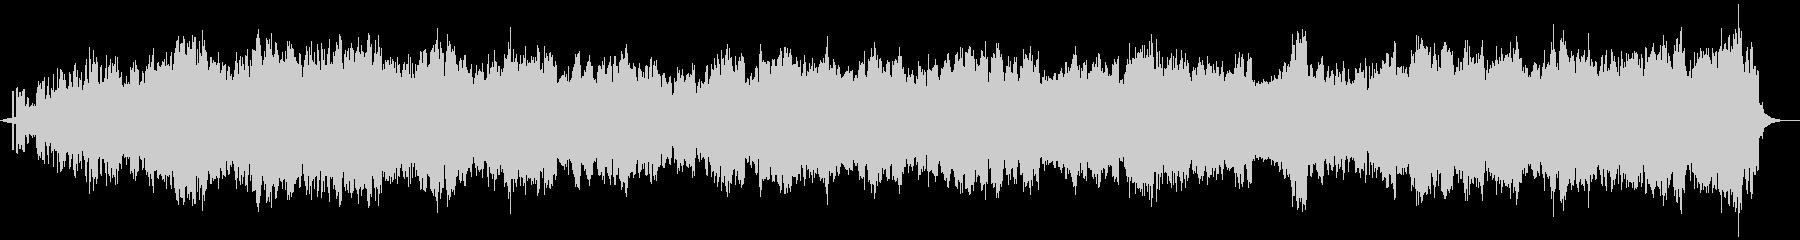 煌びやか癒しアンビエント楽曲-自然音入りの未再生の波形